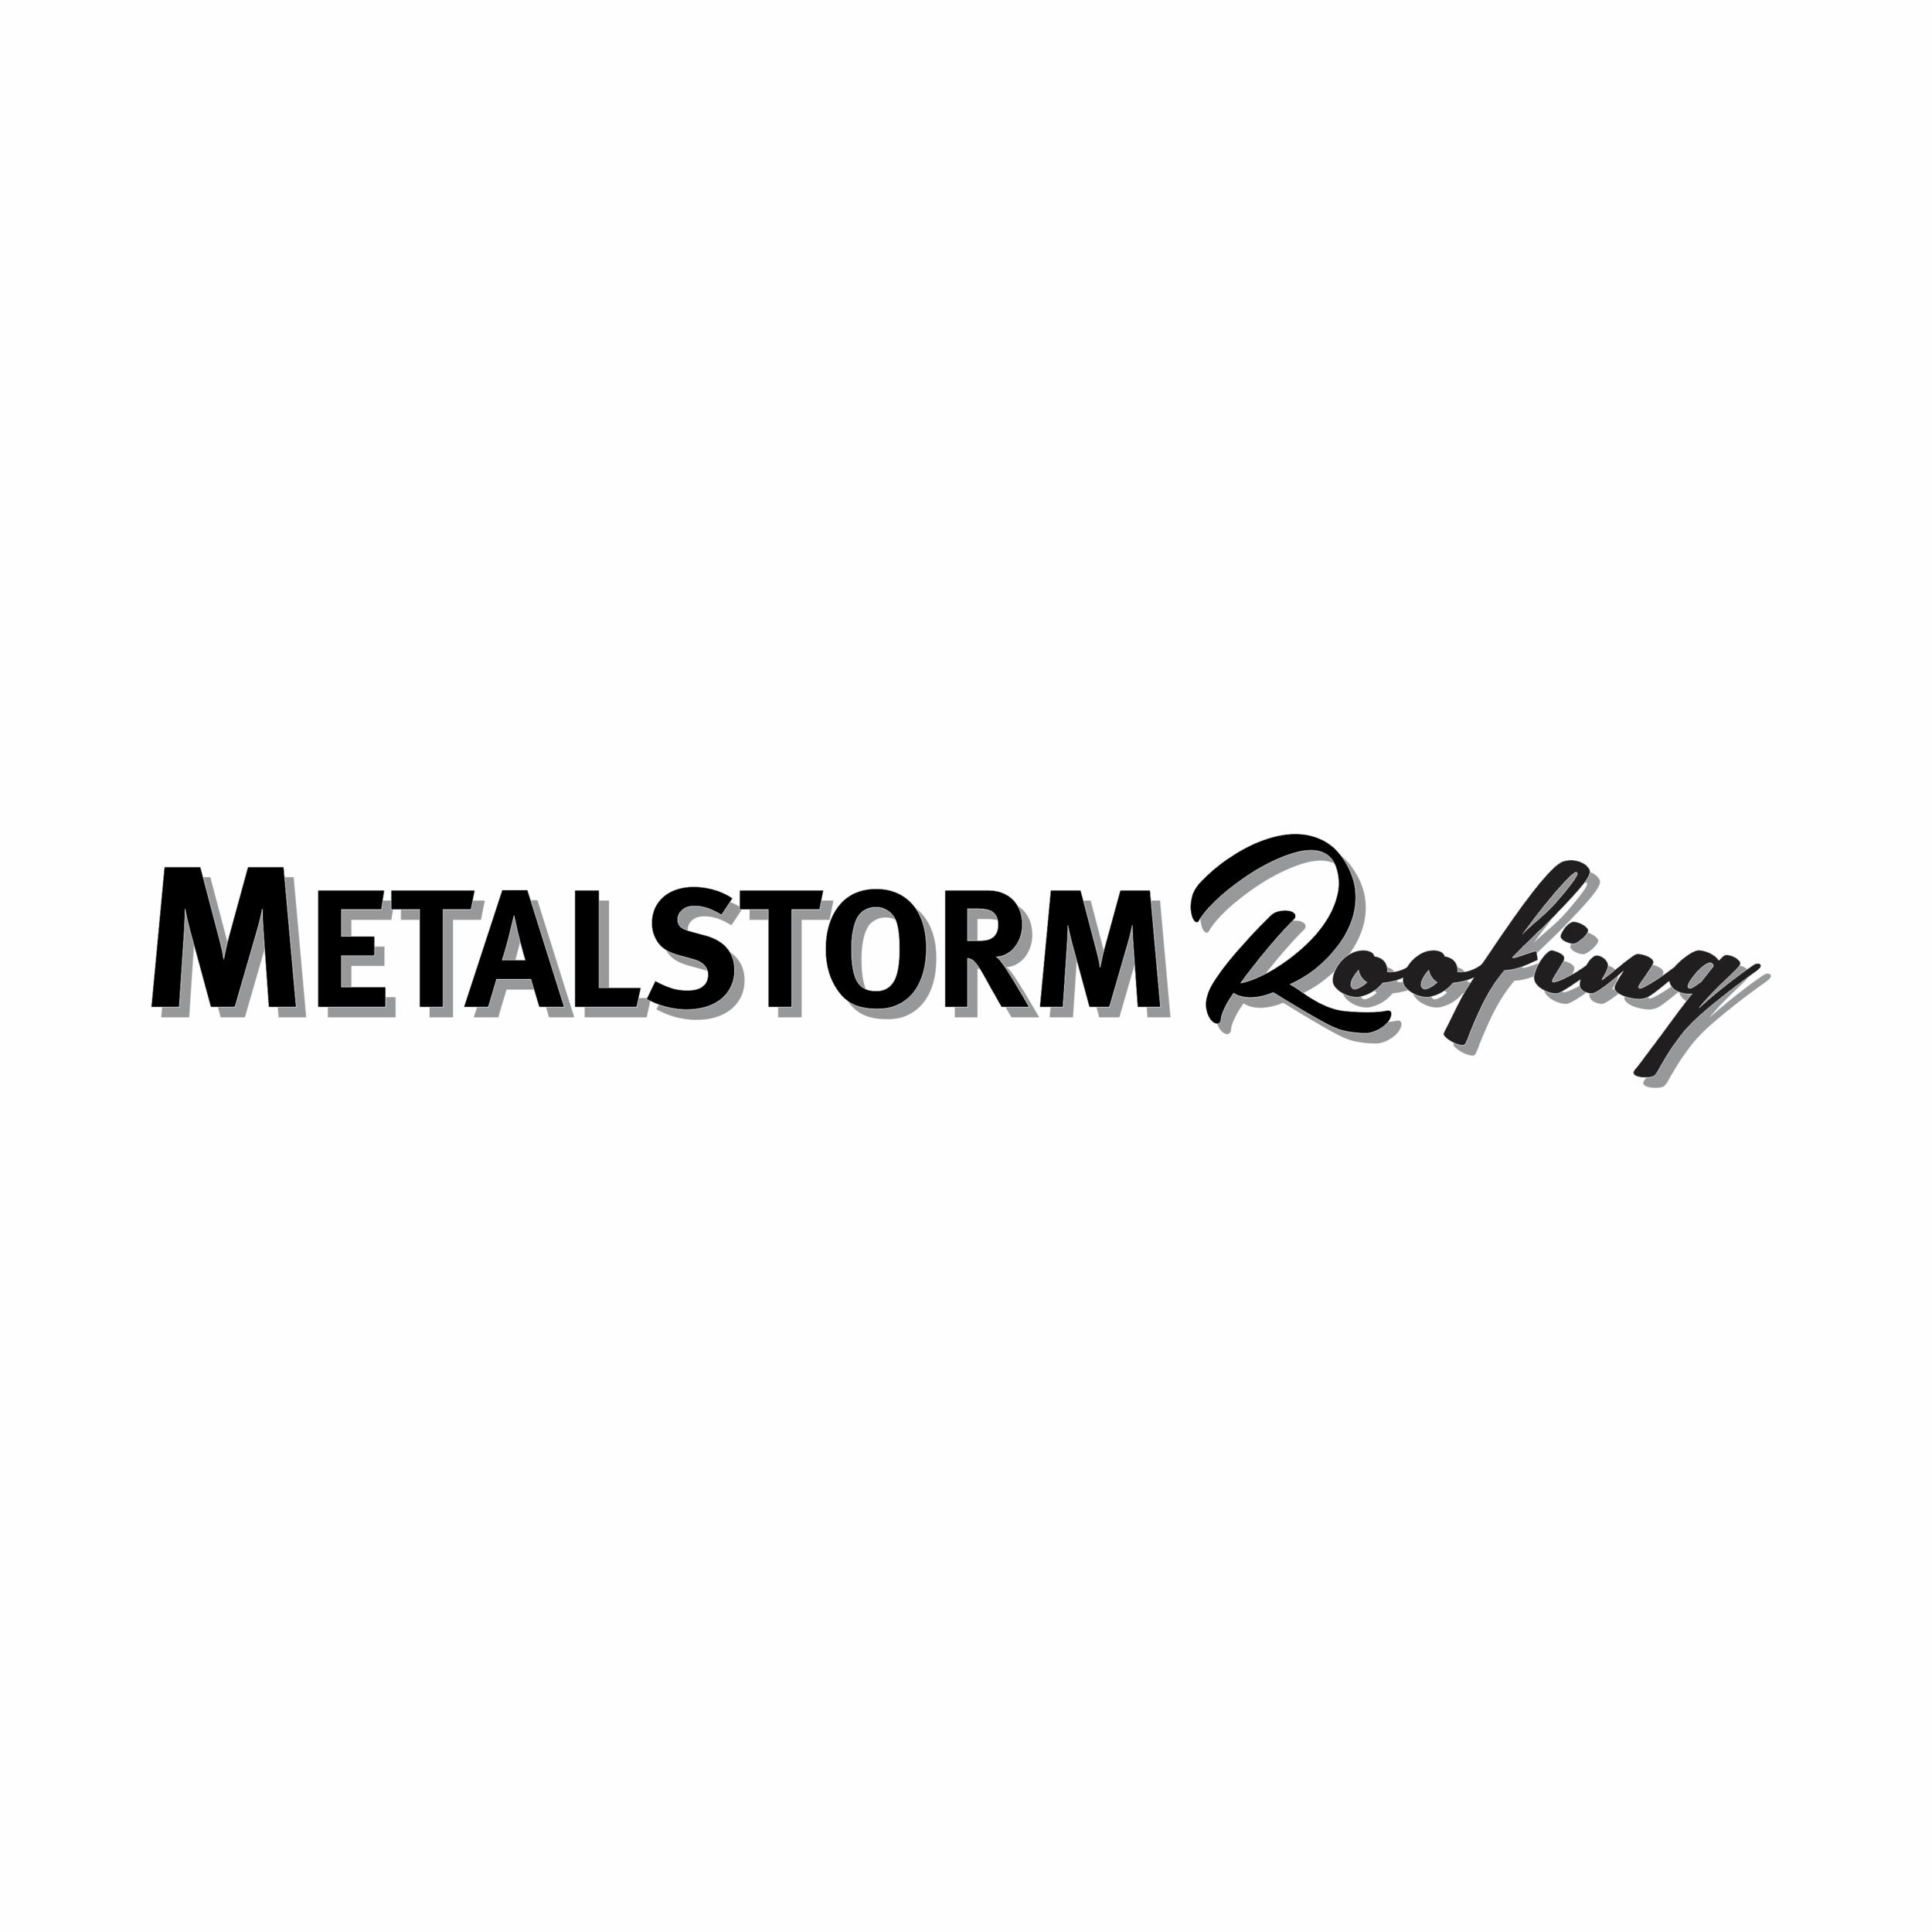 Metalstorm roofing.png